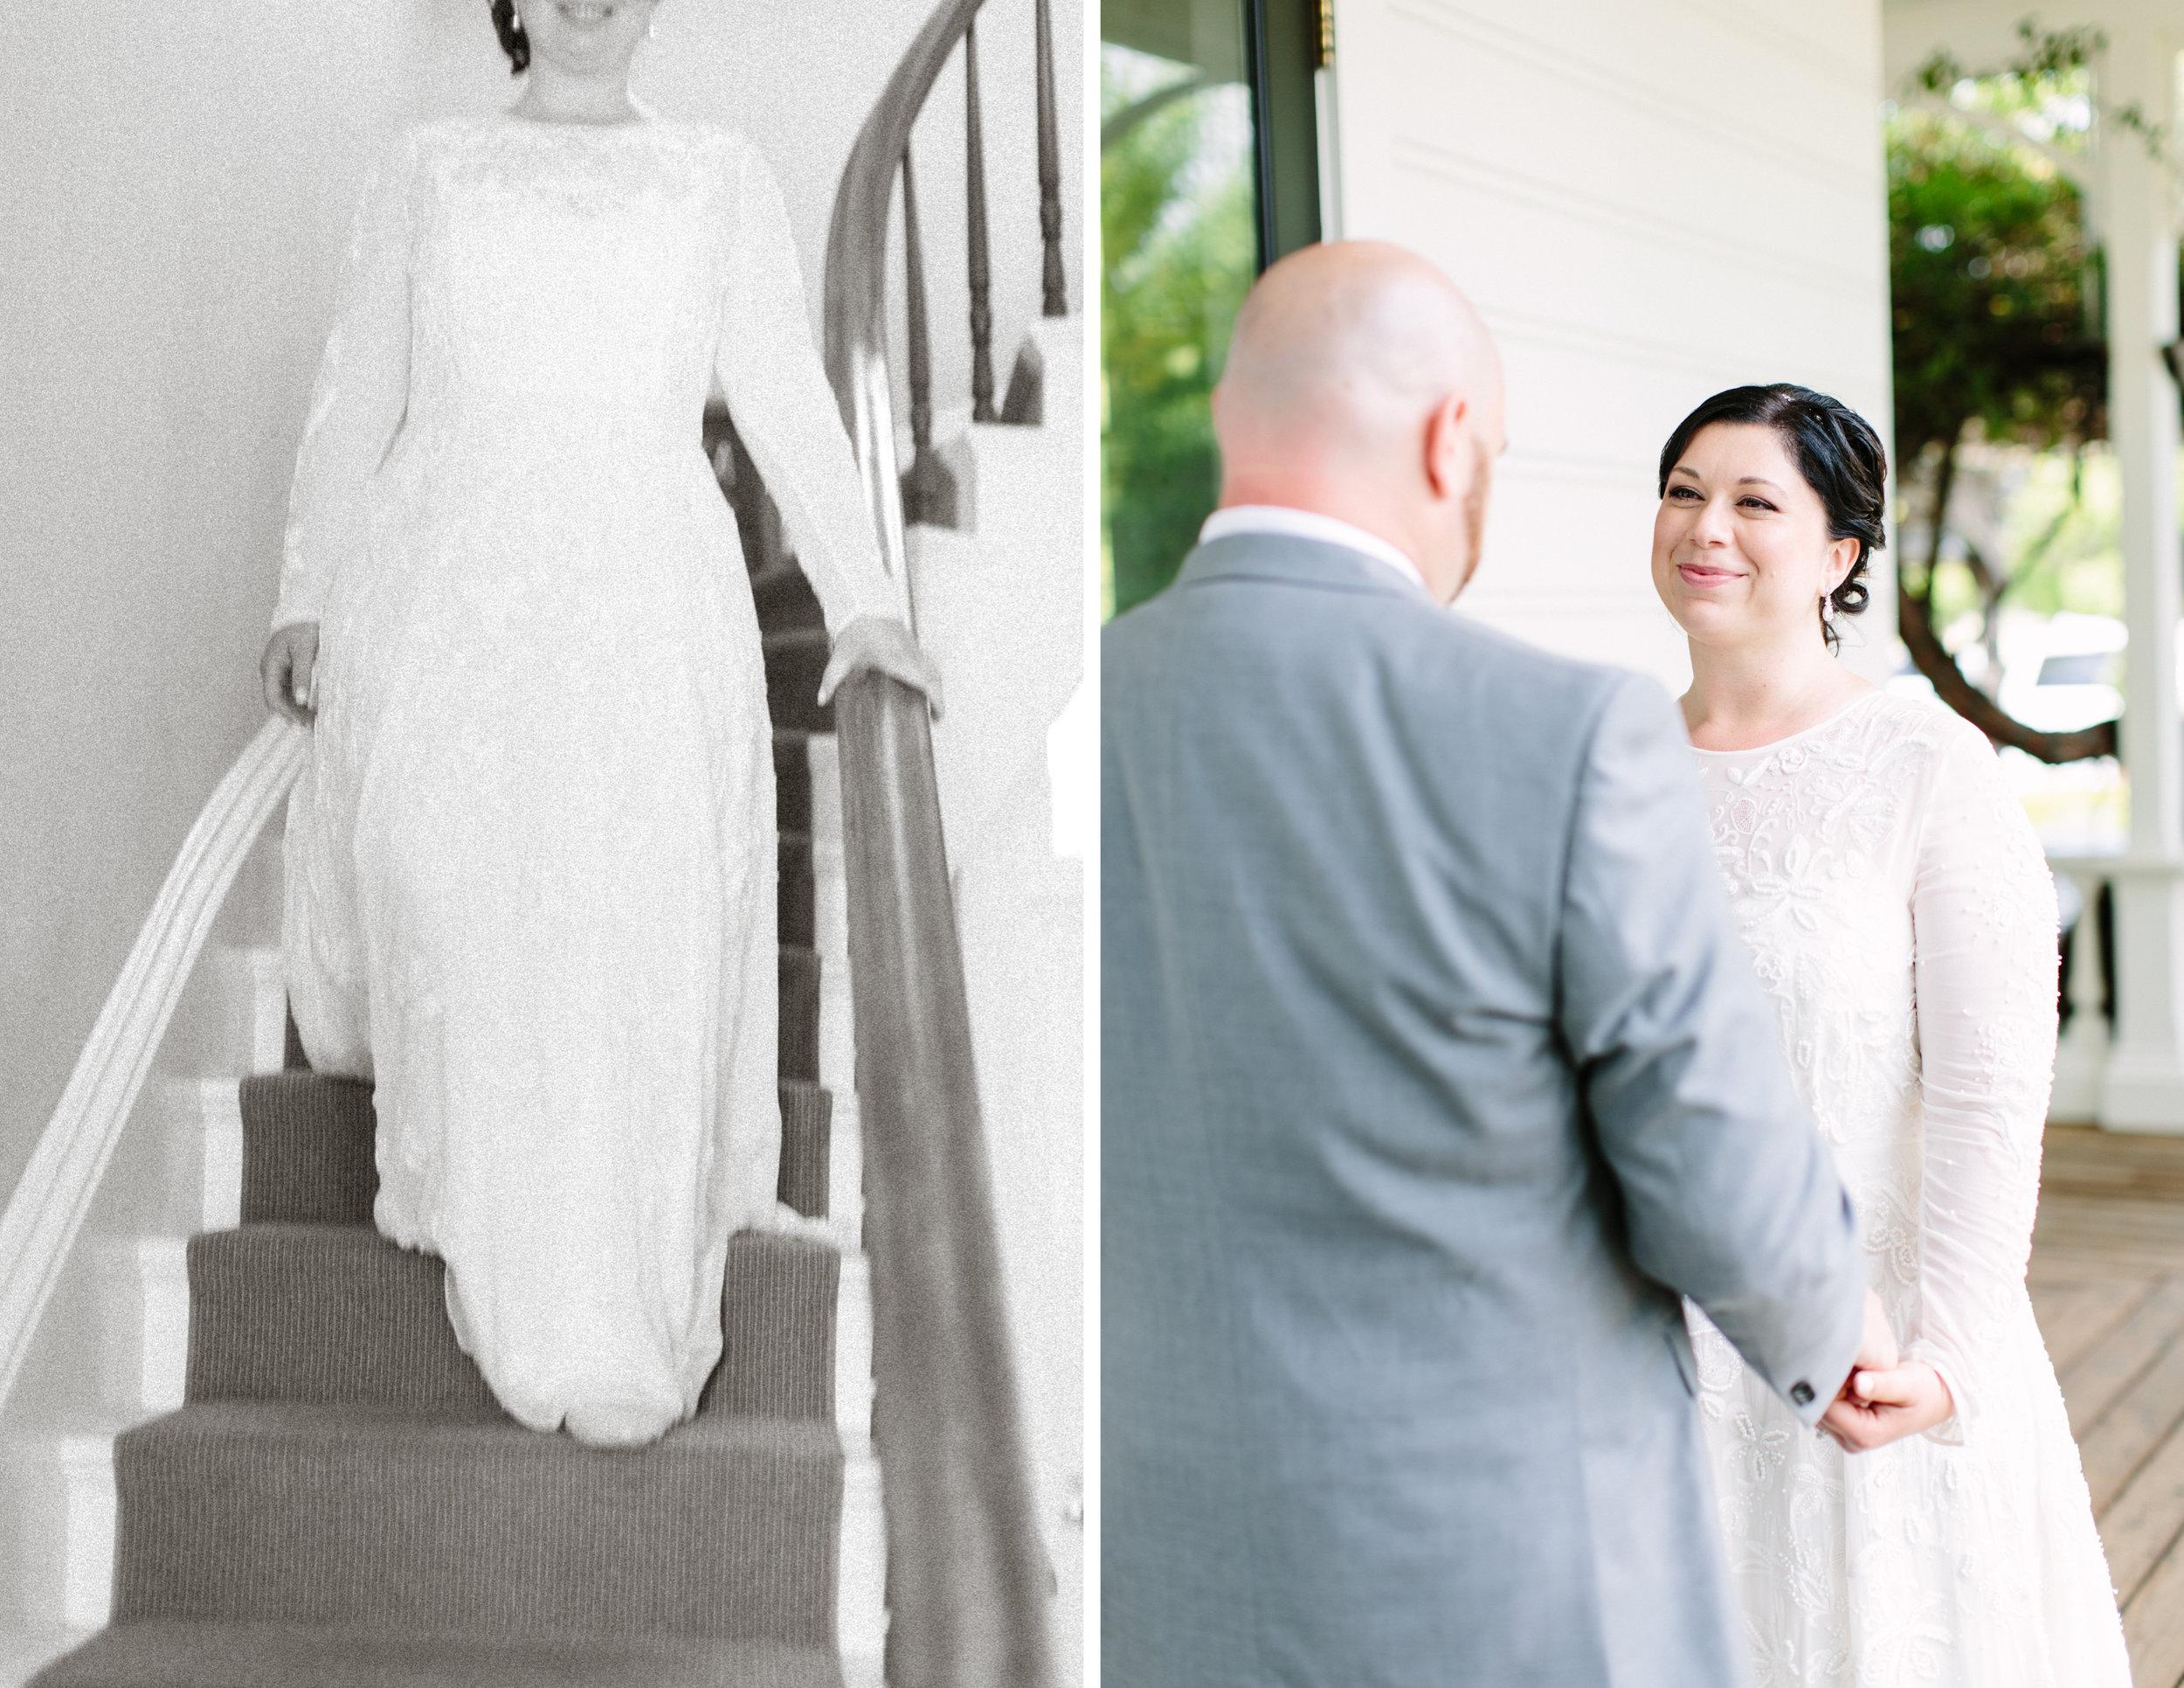 generals daughter sonoma wedding 4.jpg